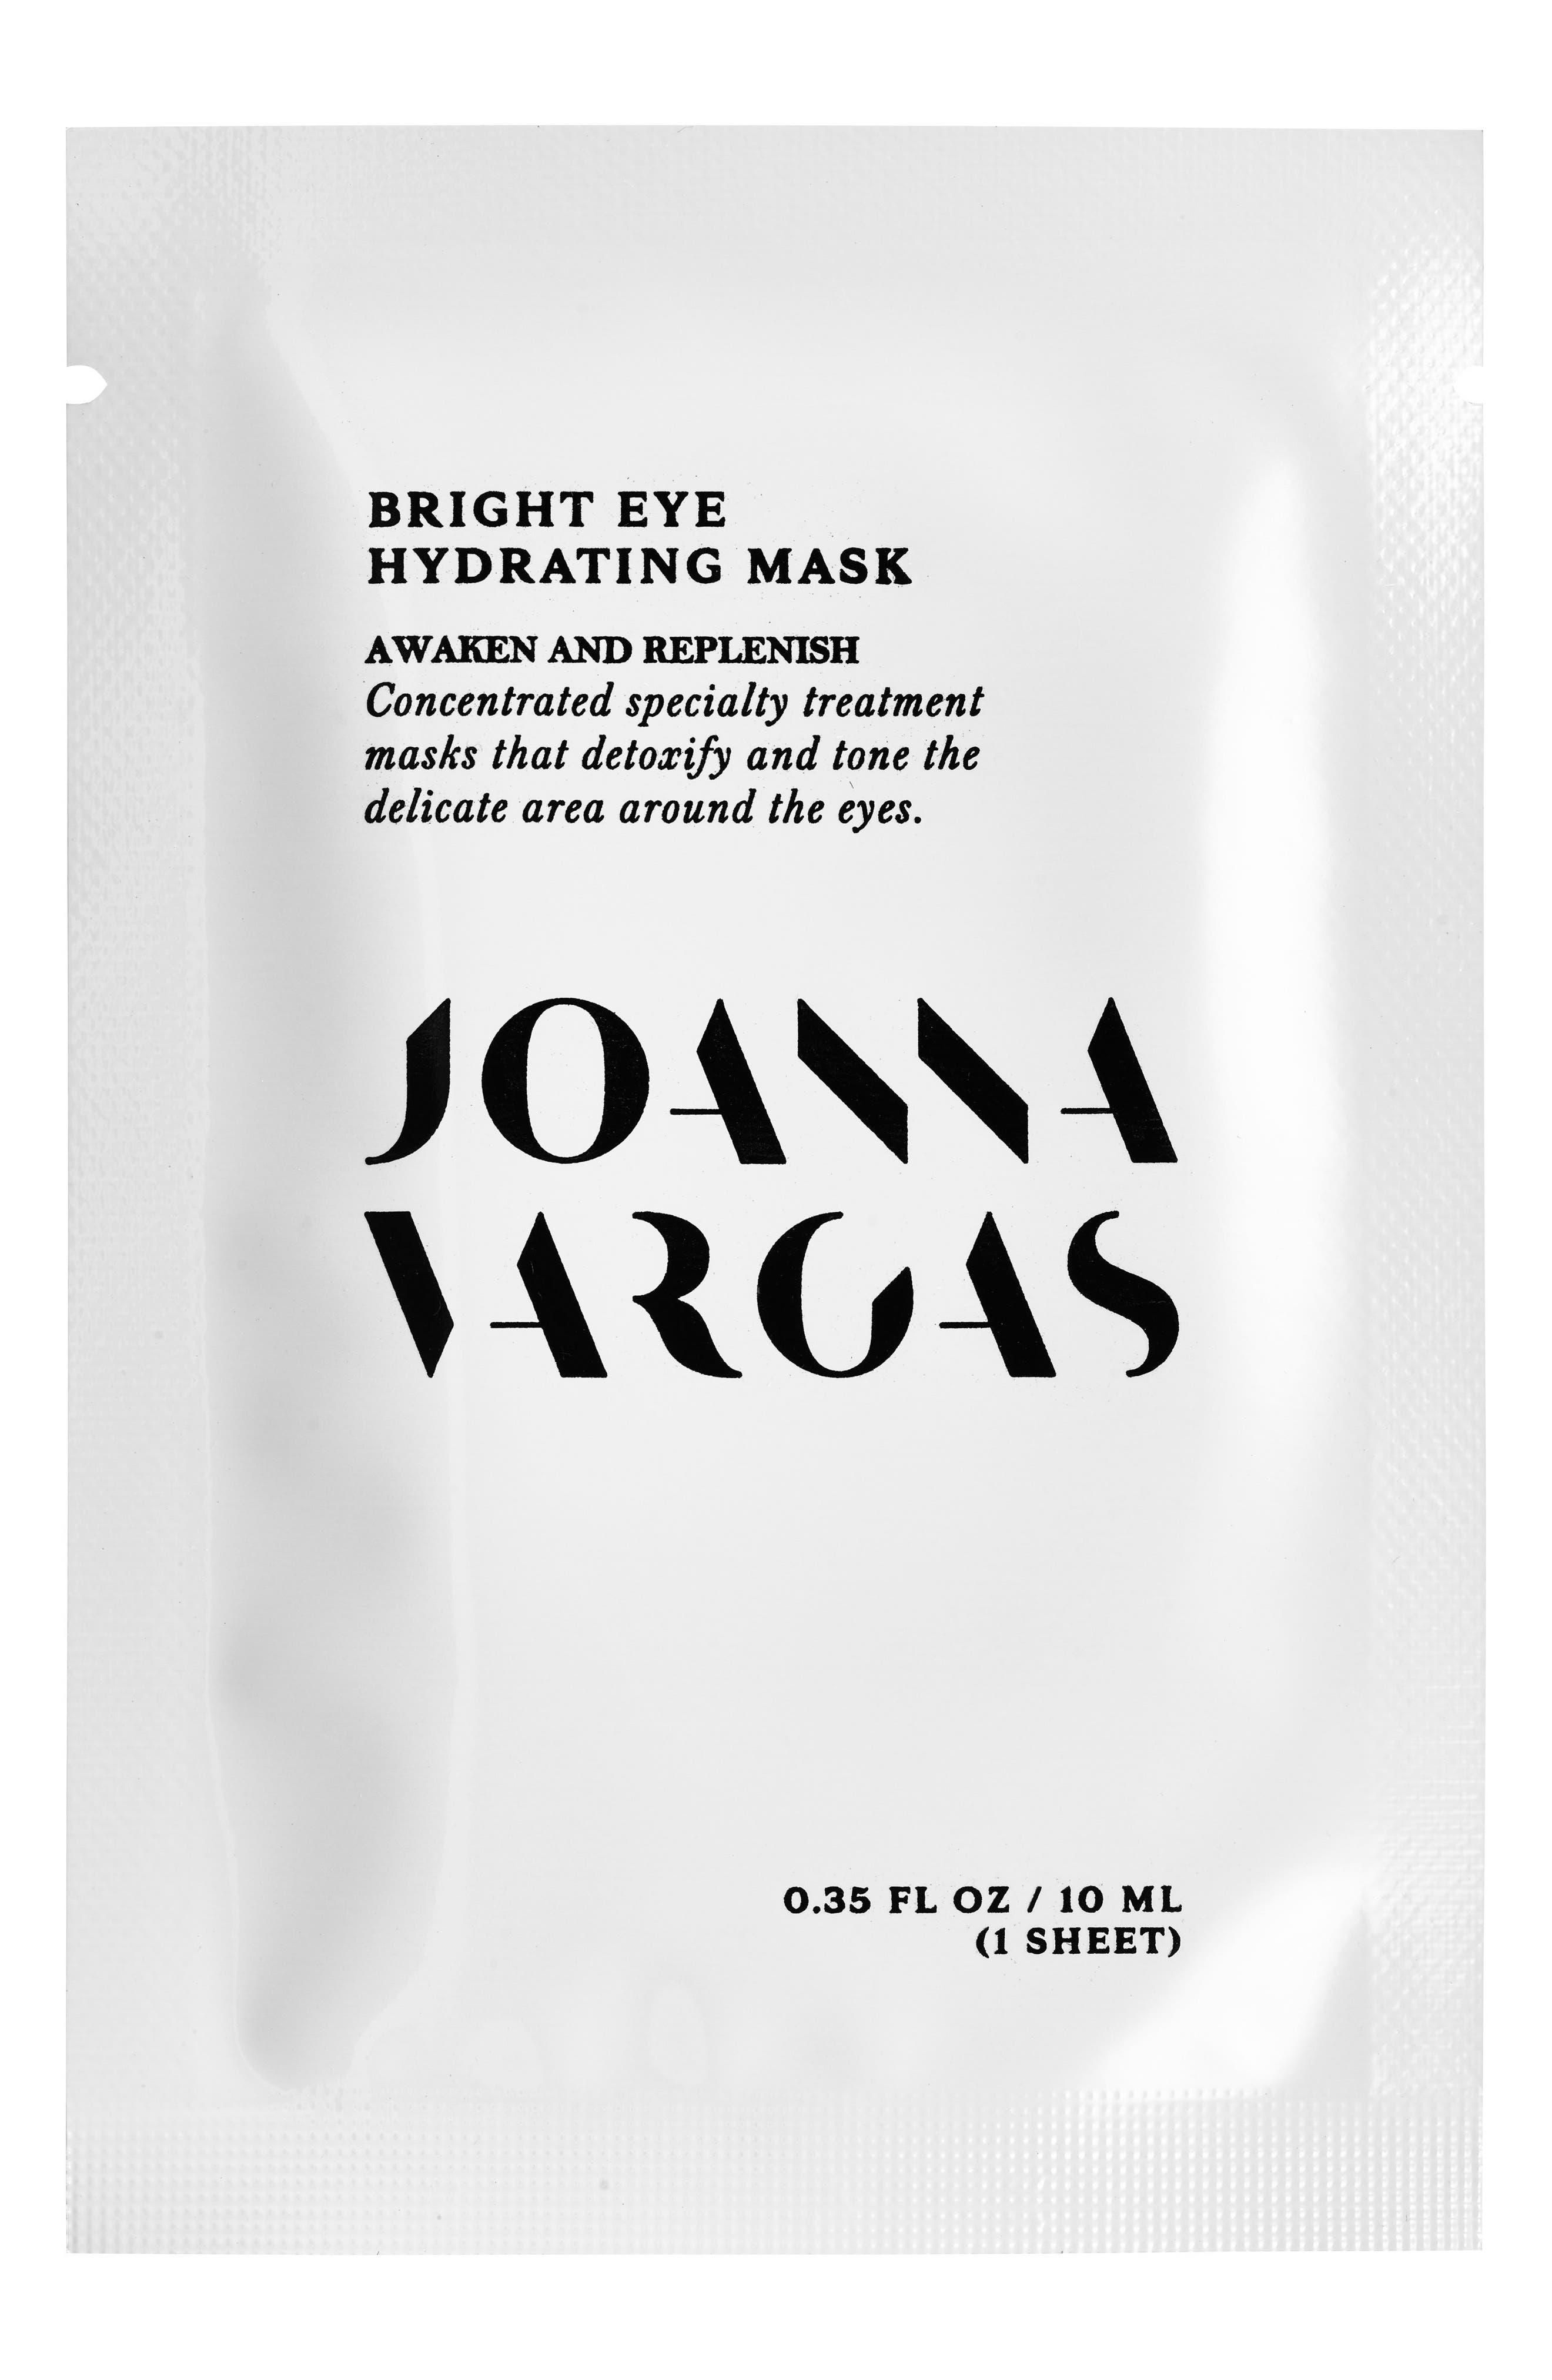 Joanna Vargas Bright Eye Hydrating Mask